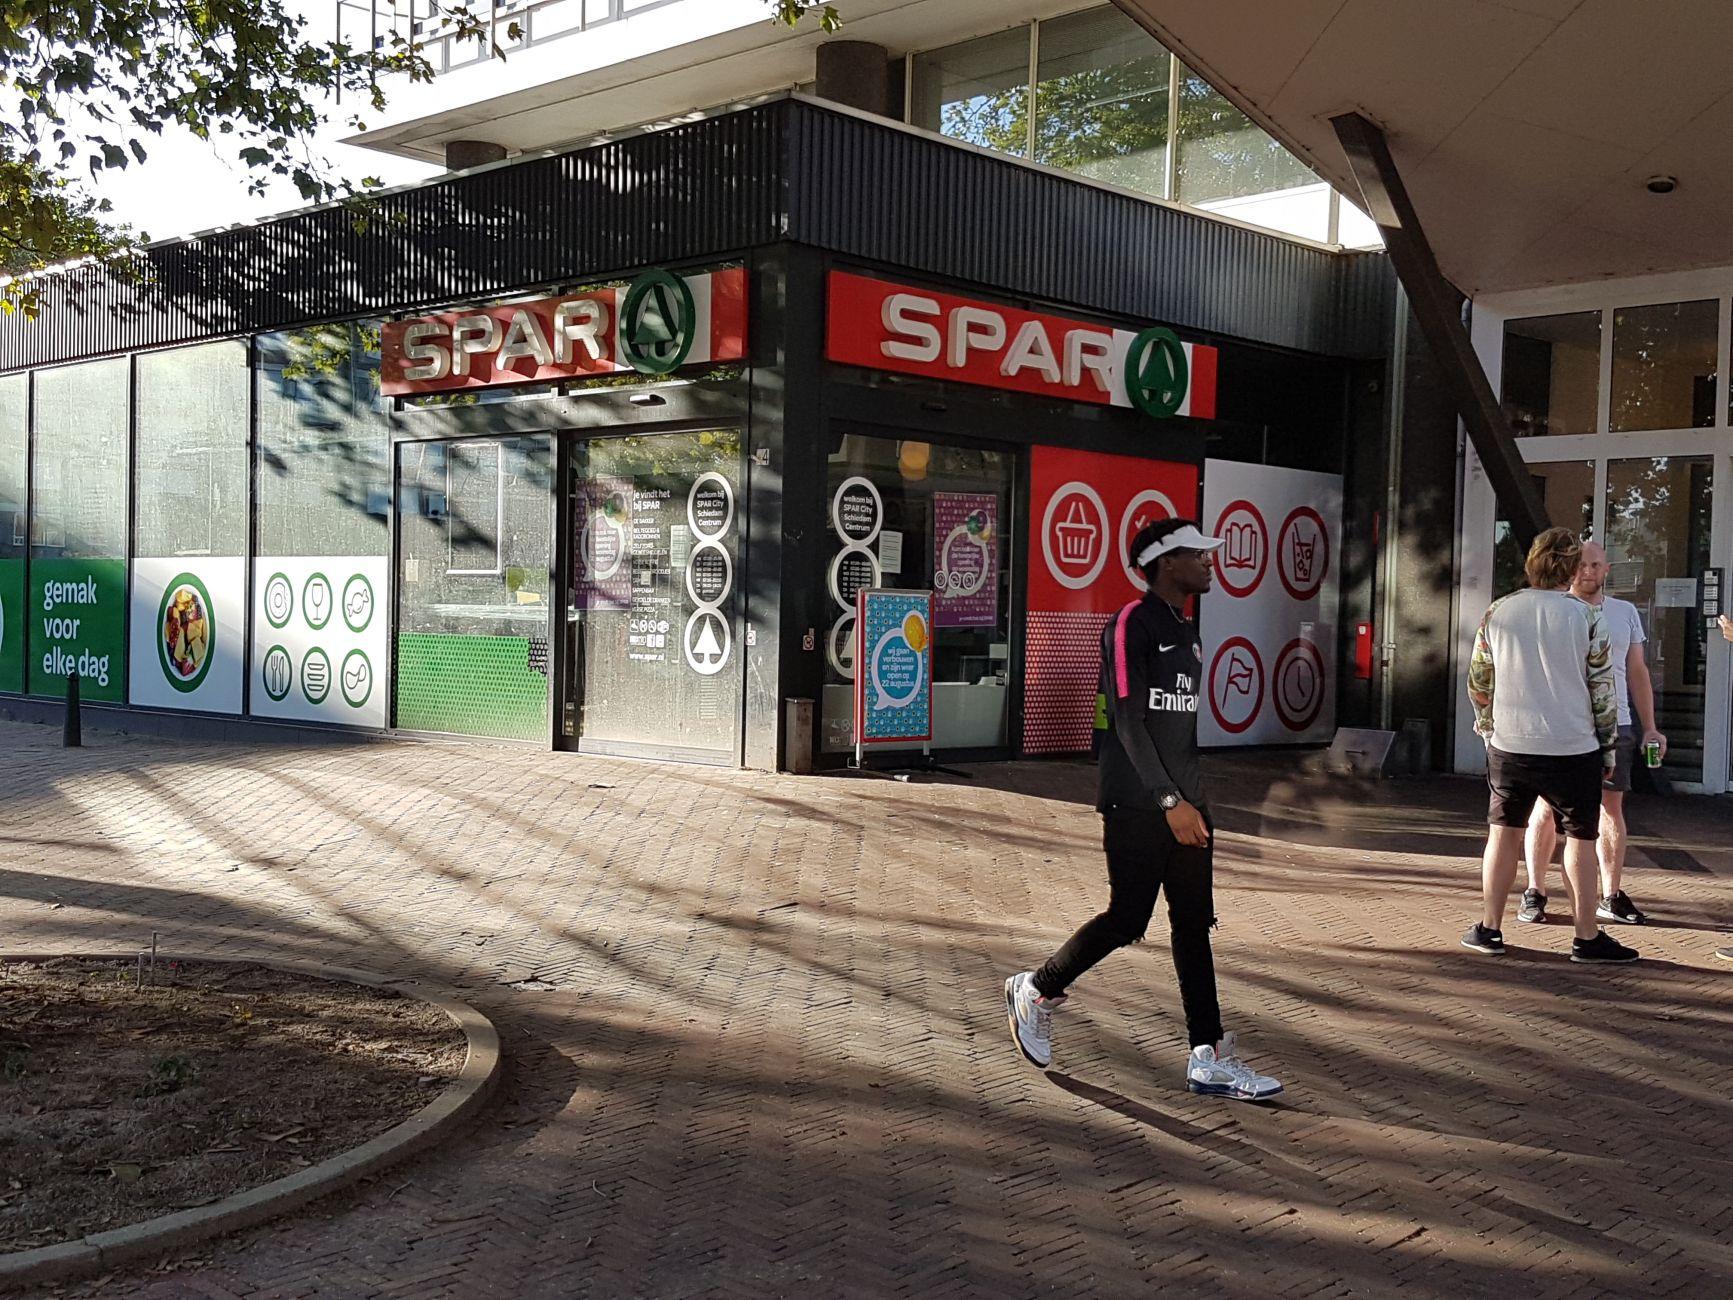 Nieuwe eigenaar opent vernieuwde Spar